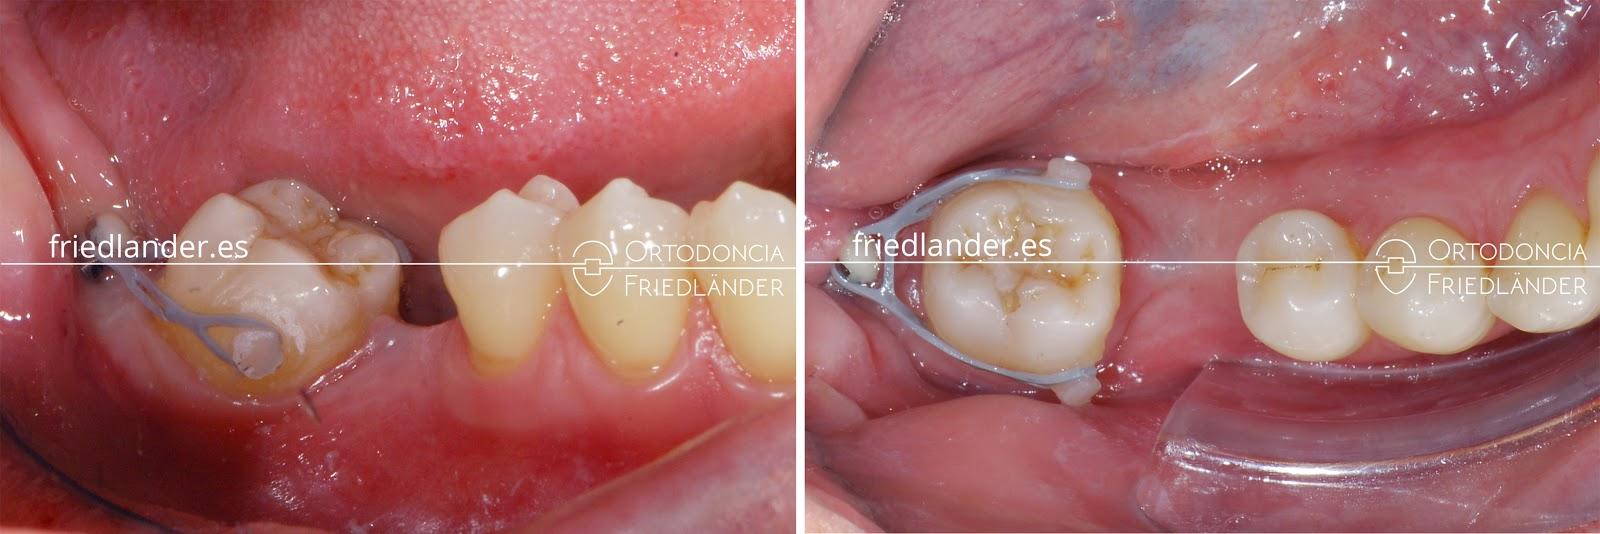 Me falta una muela - ¿se puede cerrar el espacio con ortodoncia? 6